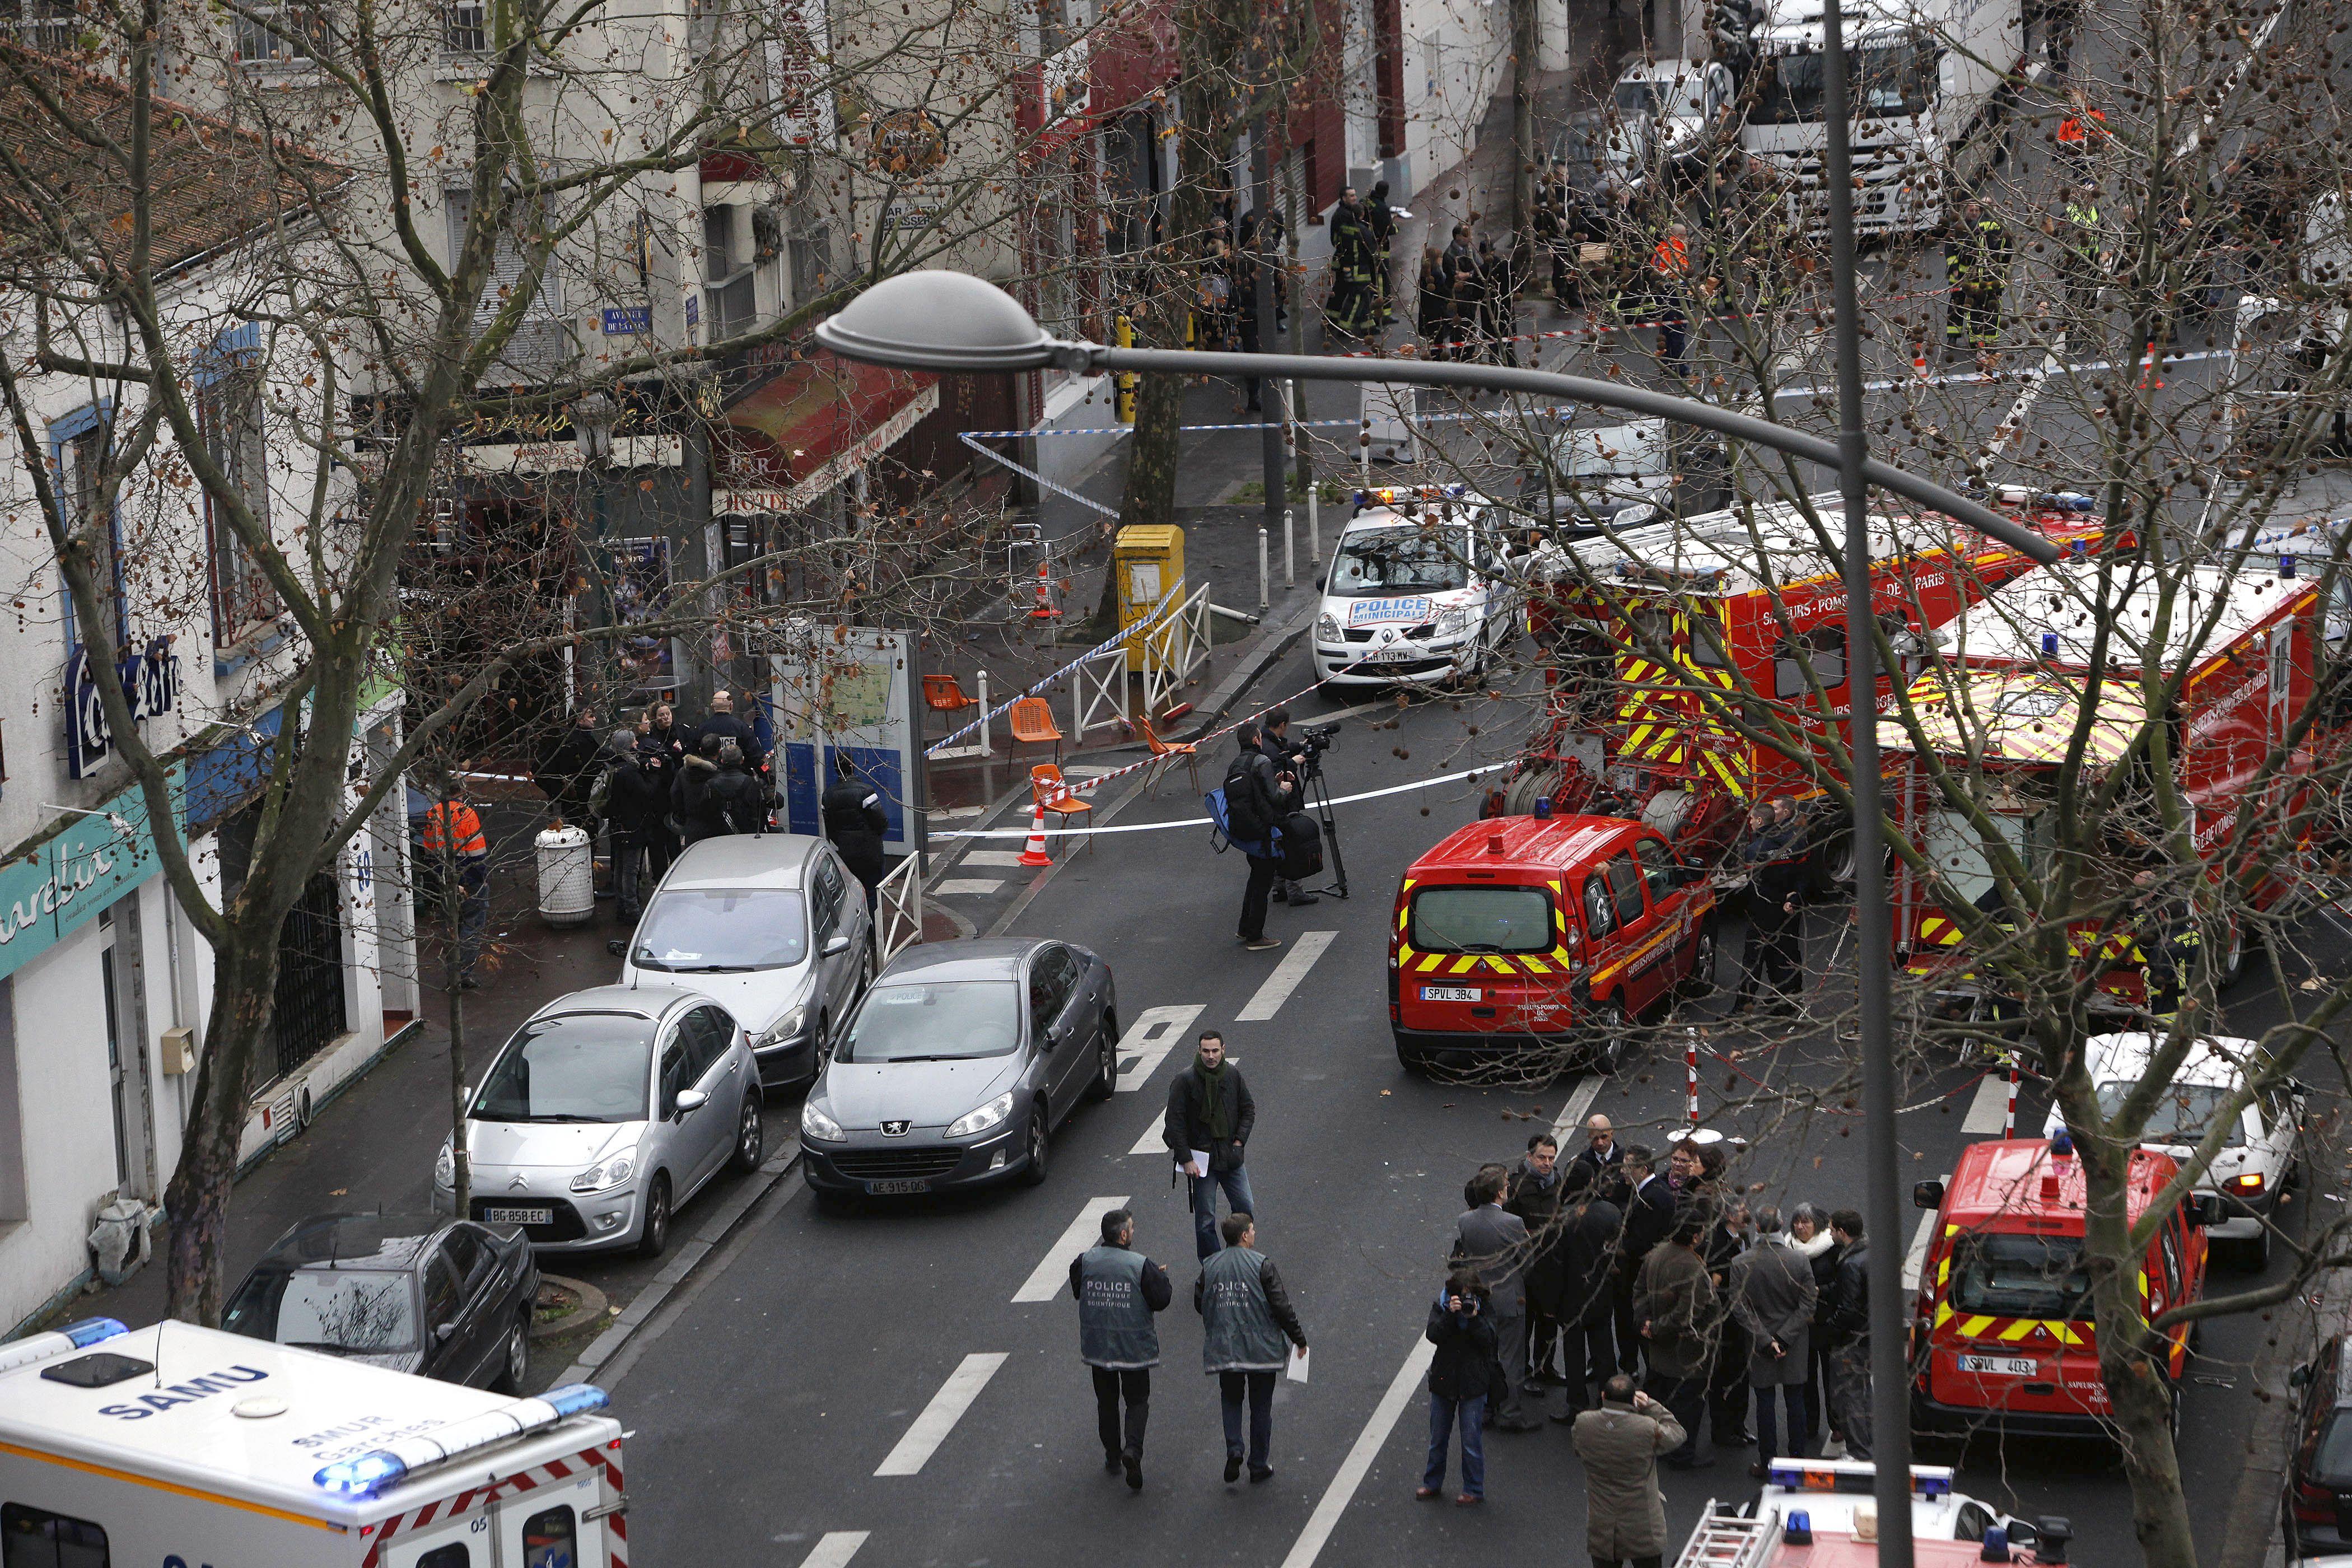 El dispositivo de seguridad que se dispuso en Montrouge